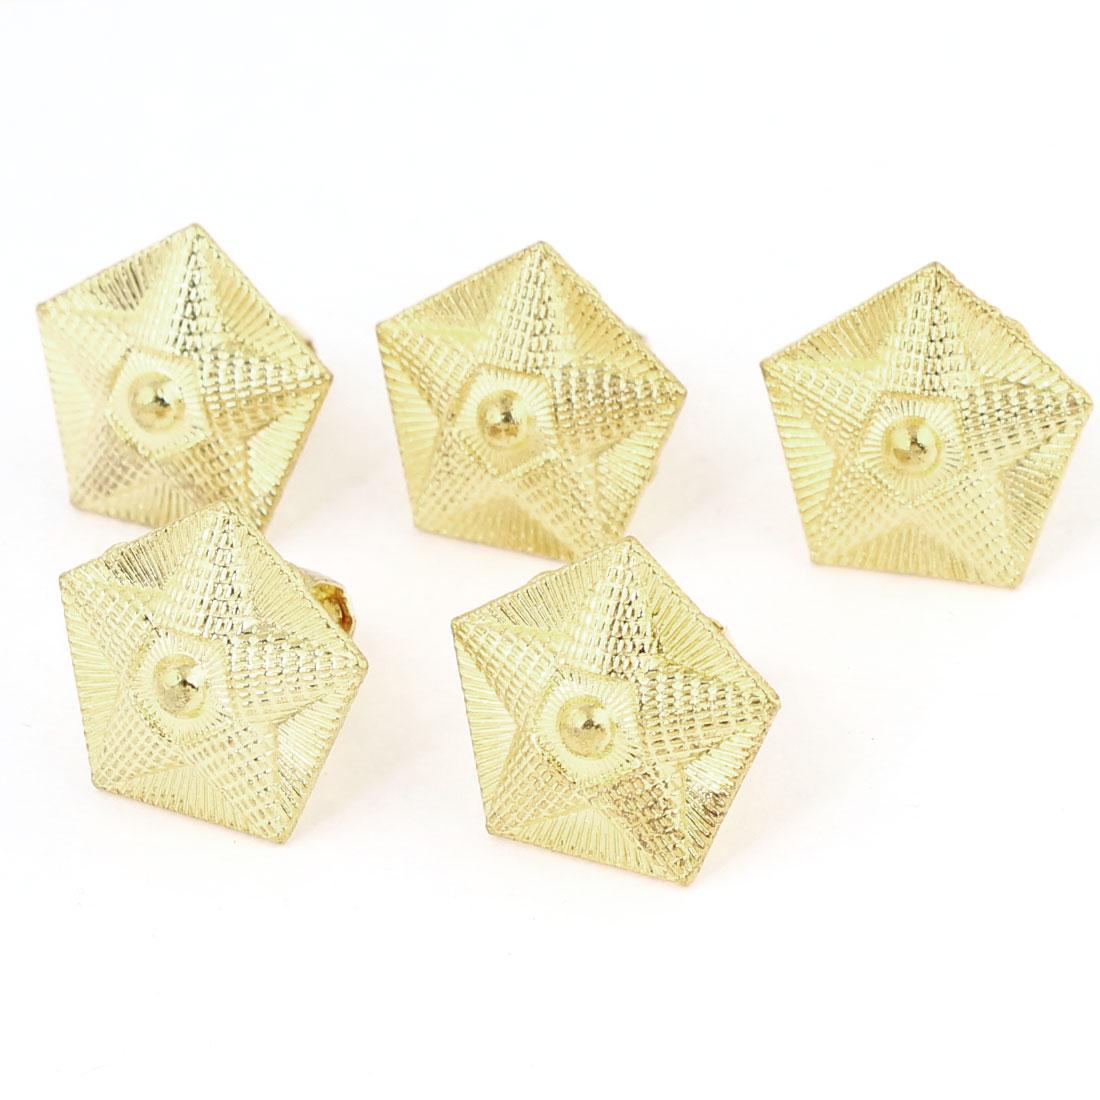 19mm x 19mm Gold Tone Pentagon Shaped Metal Knob Pull Head 5 Pcs